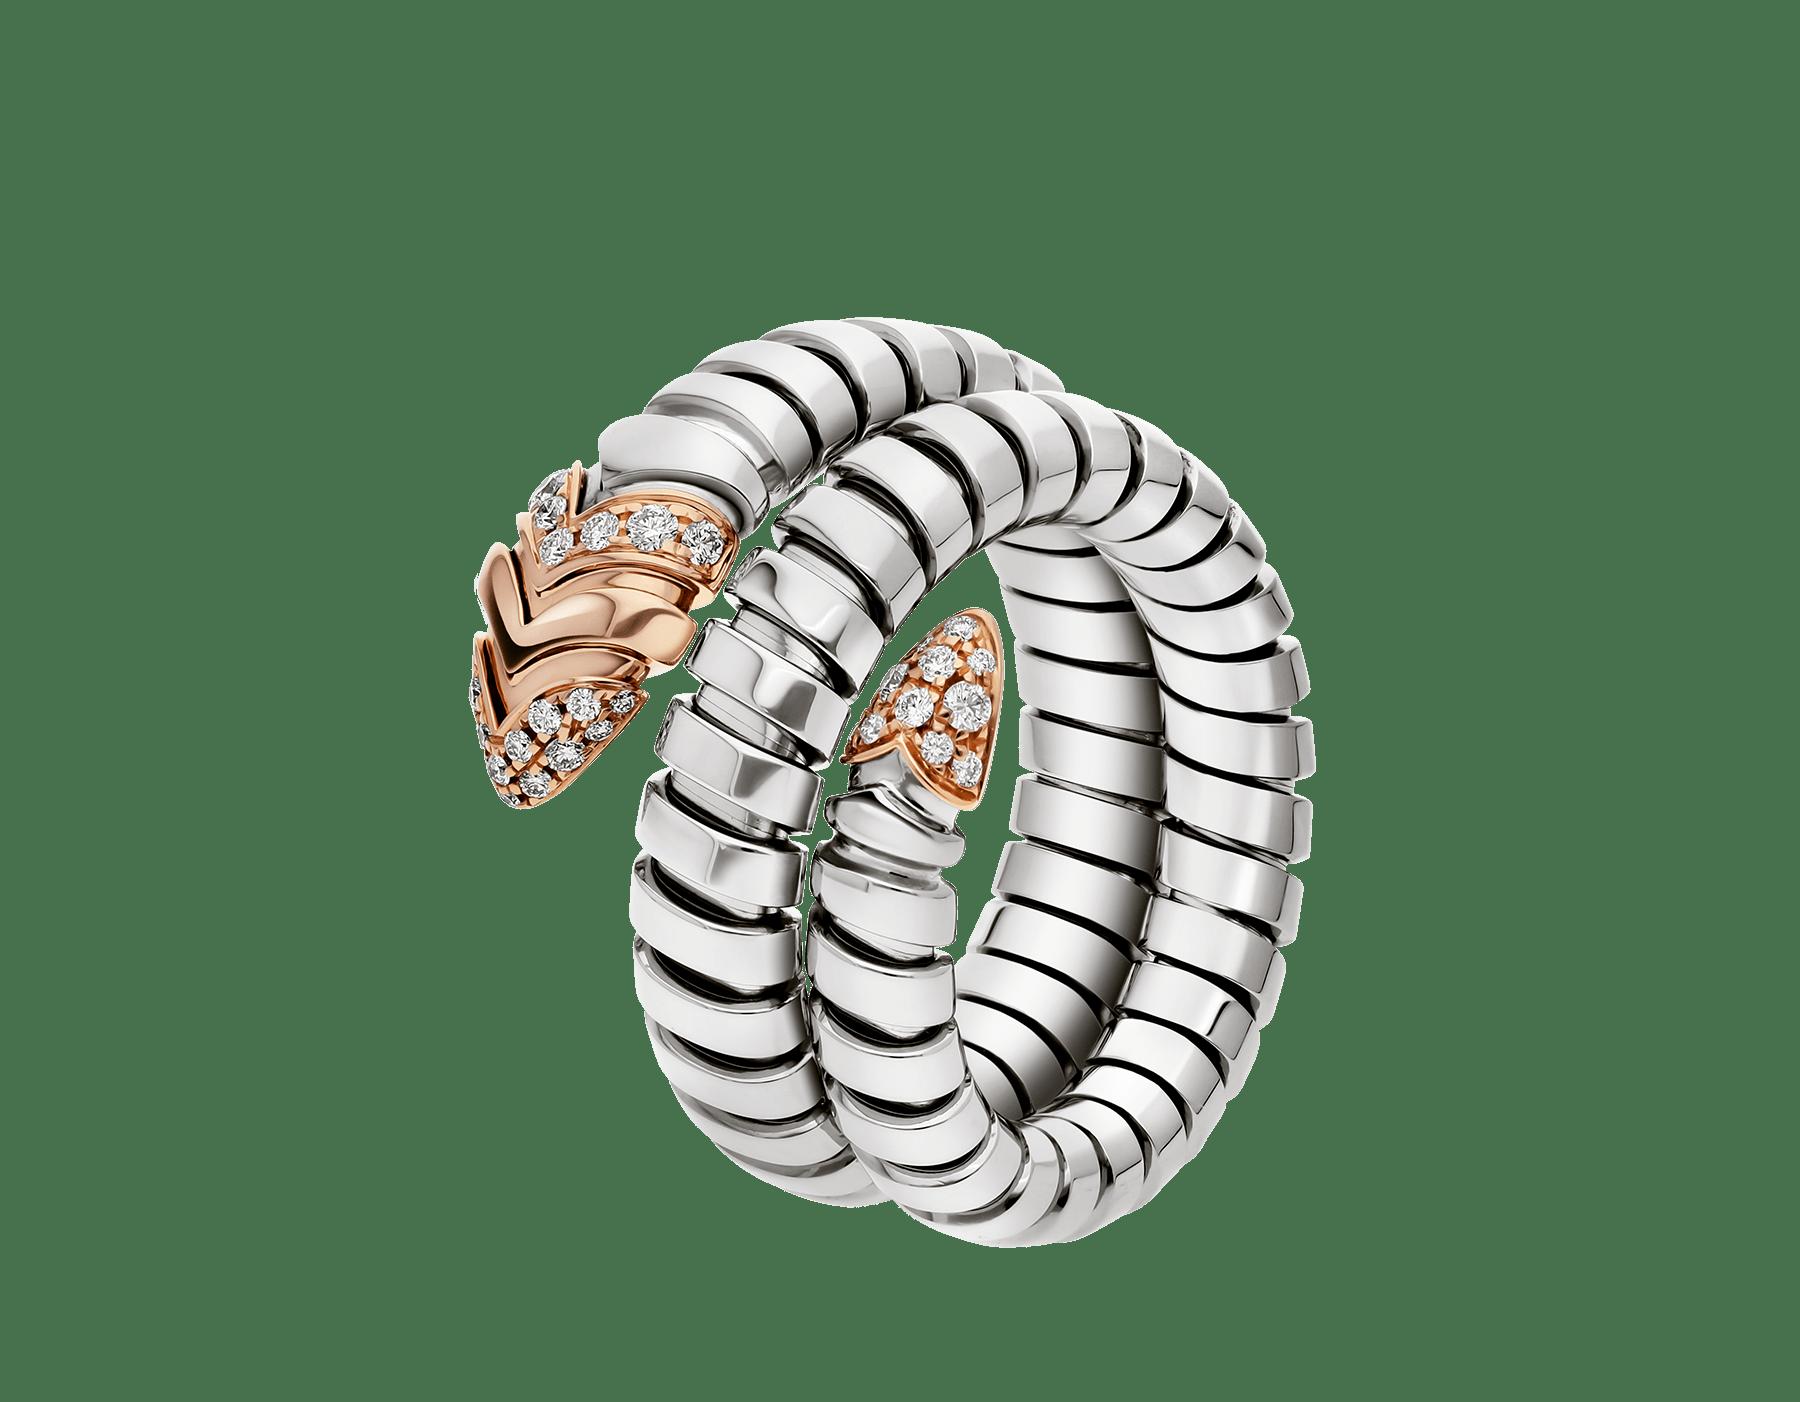 Associant le motif du serpent à la technique Tubogas pour créer une nouvelle forme de séduction, la bague Serpenti s'enroule autour du doigt avec la féminité de l'or rose, la modernité de l'acier et le glamour éclatant du pavé diamants. AN856666 image 1